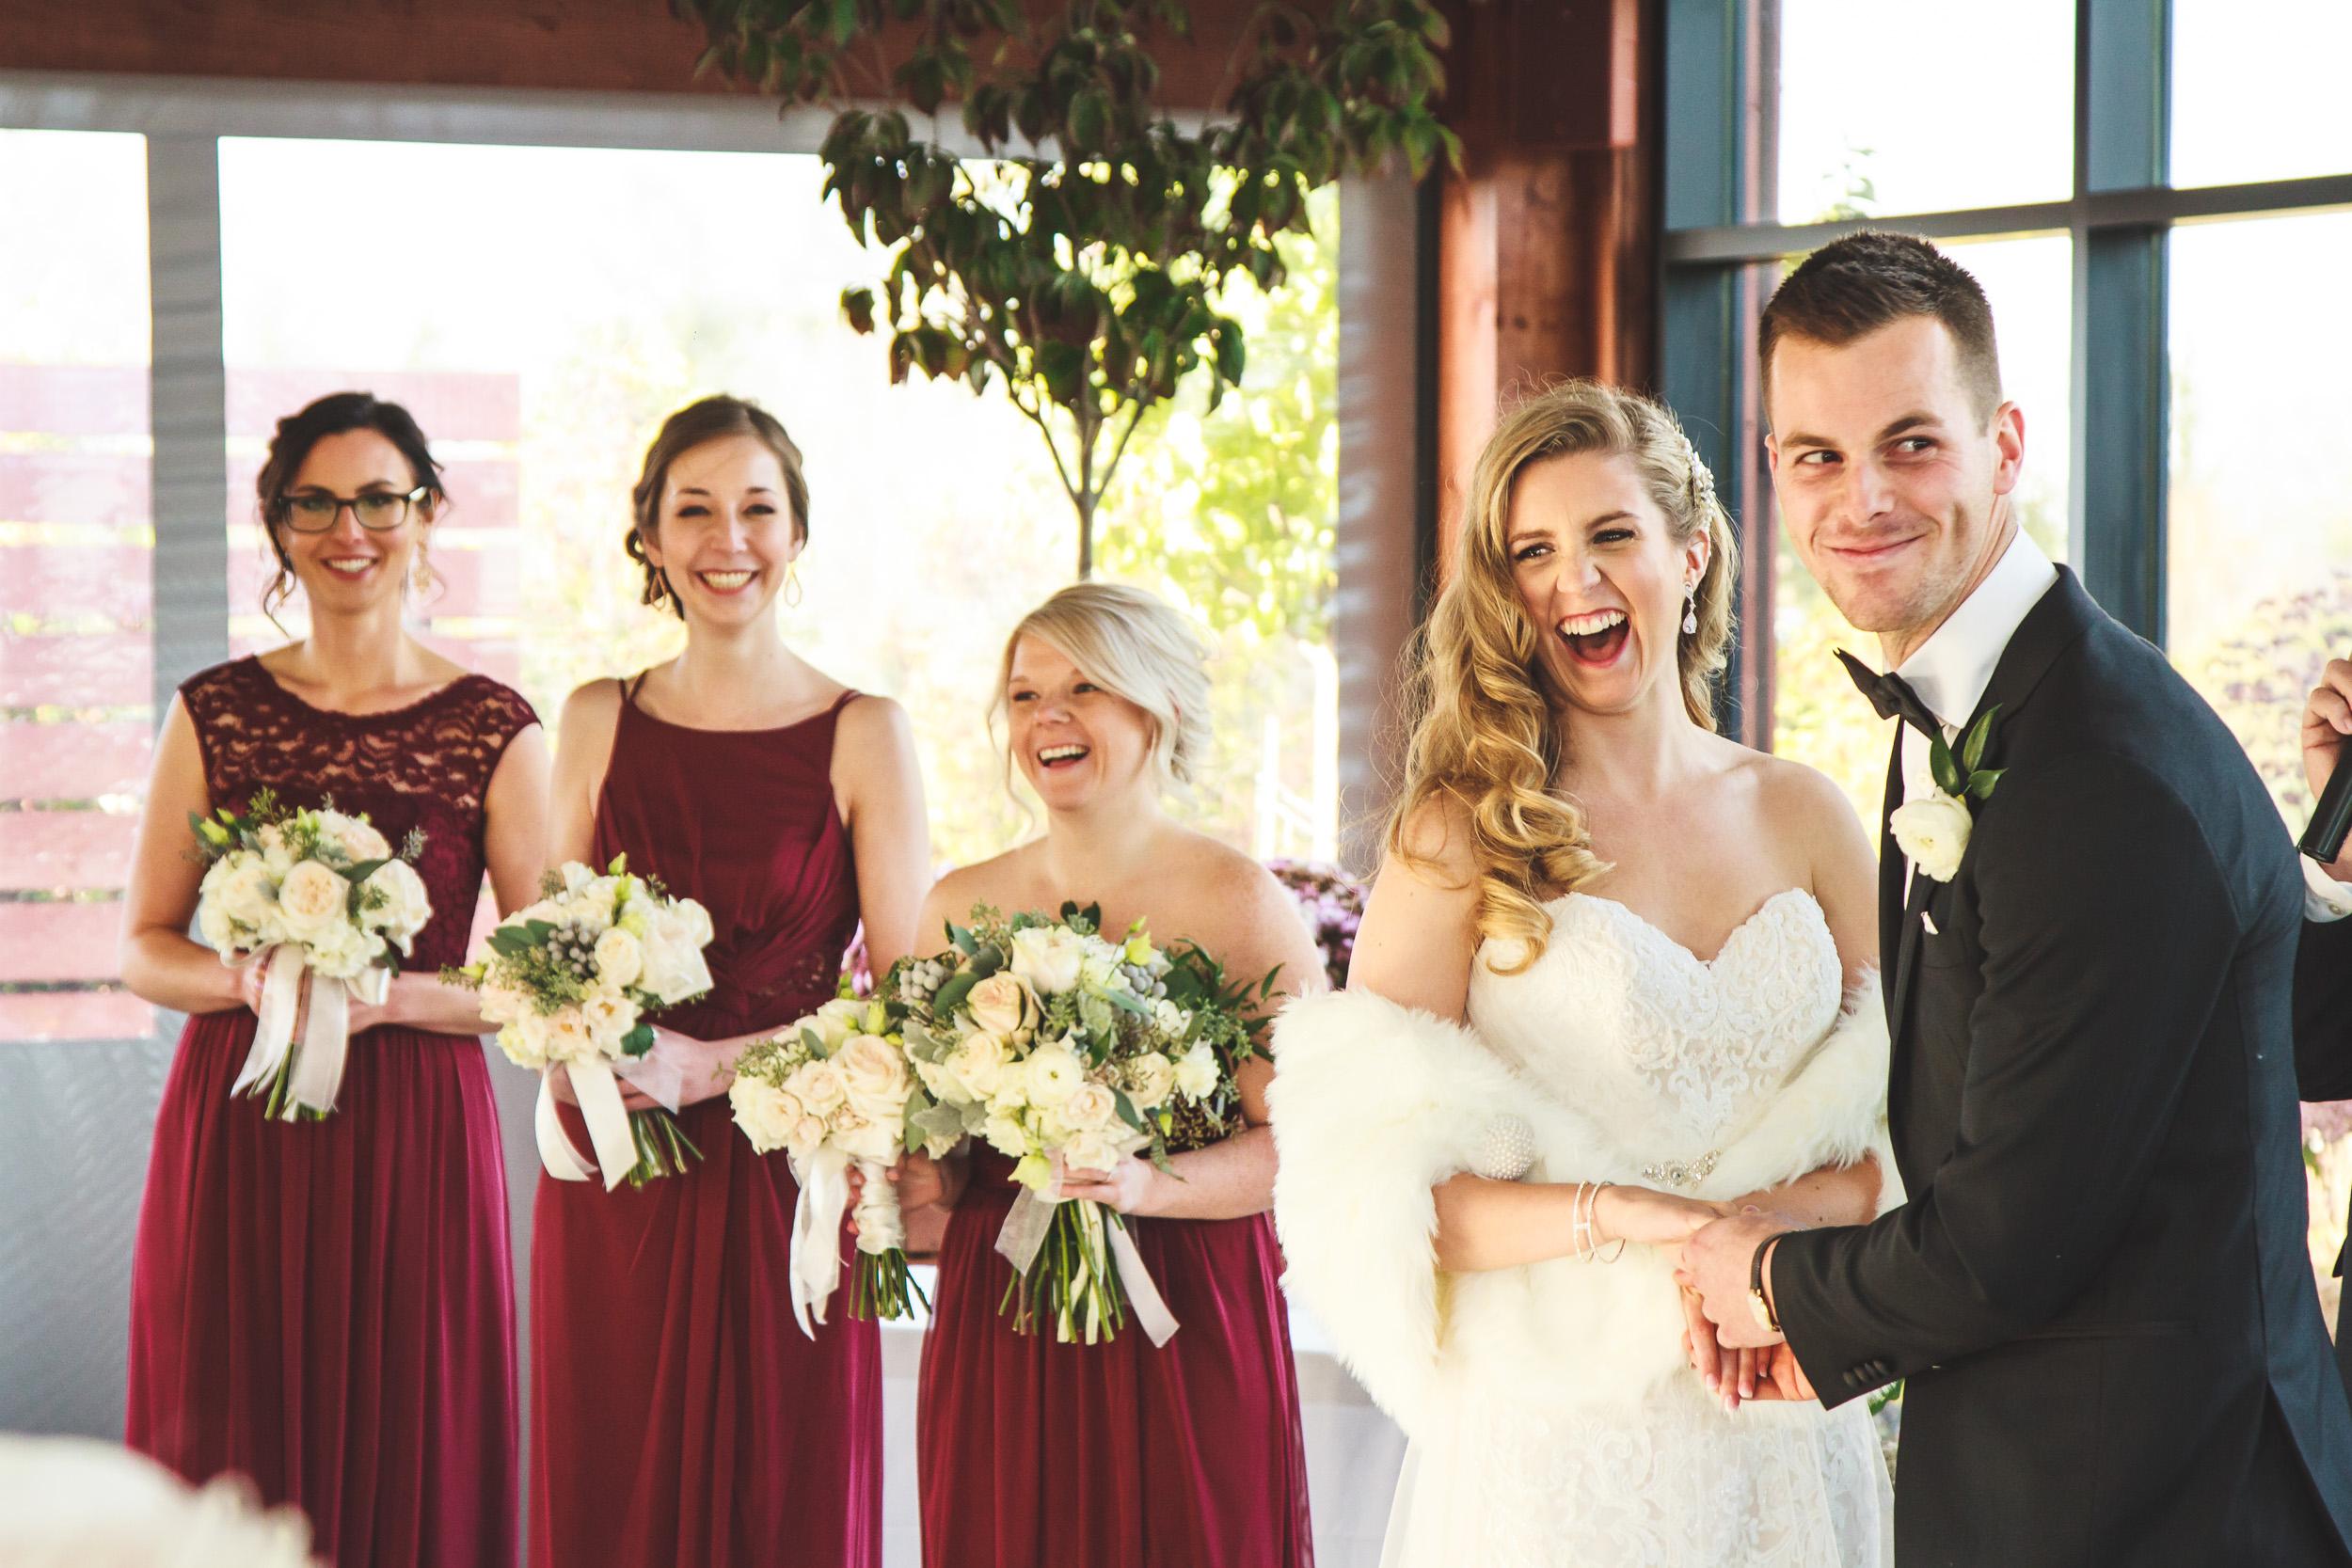 FumioWeddings - Real Weddings KJ-26.jpg